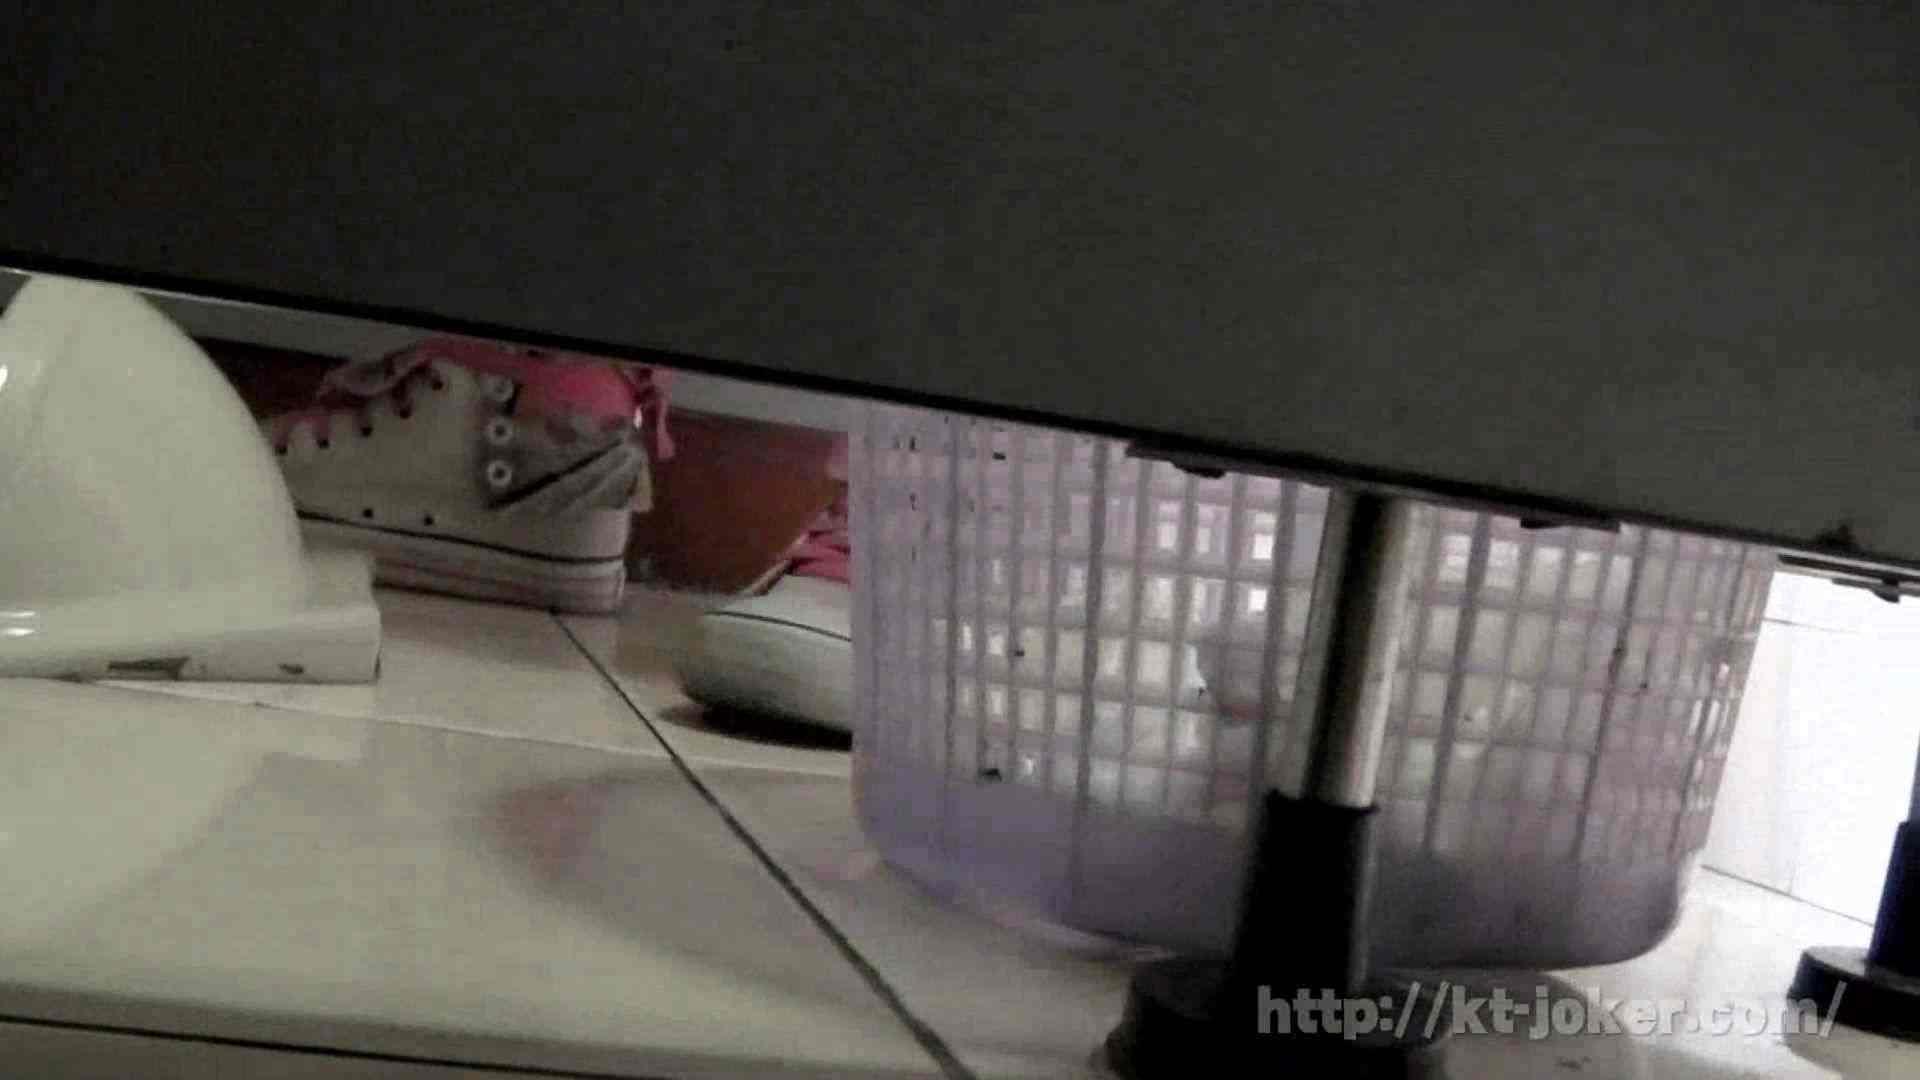 命がけ潜伏洗面所! vol.60 あれ?チラっチラって。気づいてます? チラ 盗み撮りオマンコ動画キャプチャ 97画像 95